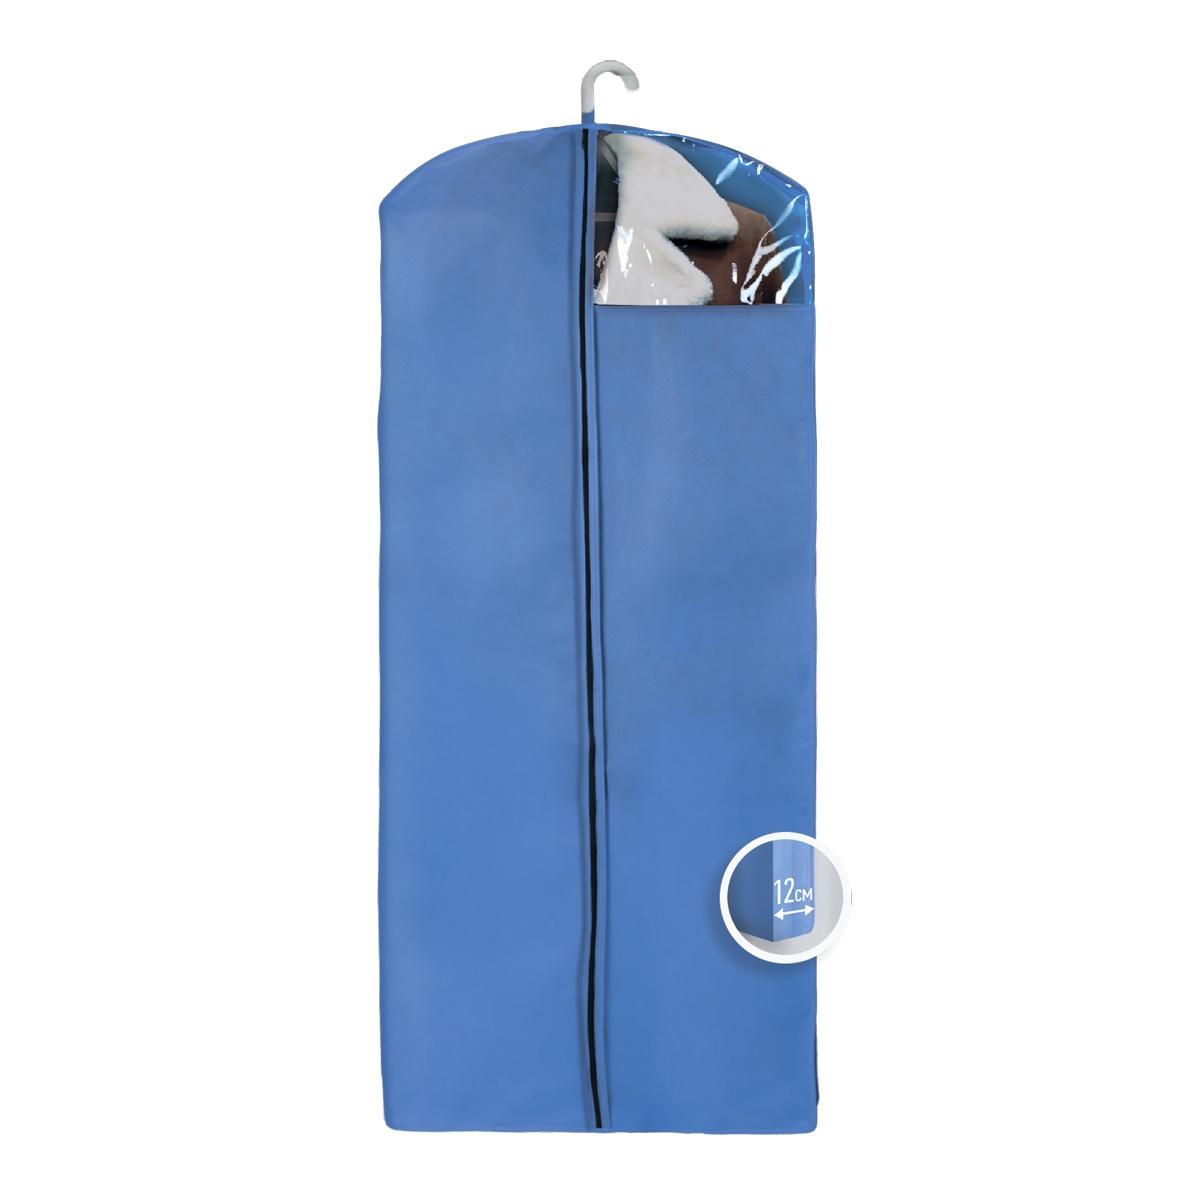 Чехол для верхней одежды Miolla, с окошком, цвет: синий, 140 х 60 х 12 смCHL-4-1Чехол для верхней одежды Miolla на застежке-молнии выполнен из высококачественного нетканого материала. Прозрачное полиэтиленовое окошко позволяет видеть содержимое чехла. Подходит для длительного хранения вещей. Чехол обеспечивает вашей одежде надежную защиту от влажности, повреждений и грязи при транспортировке, от запыления при хранении и проникновения моли. Чехол обладает водоотталкивающими свойствами, а также позволяет воздуху свободно поступать внутрь вещей, обеспечивая их кондиционирование. Это особенно важно при хранении кожаных и меховых изделий. Размер чехла: 140 х 60 х 12 см.